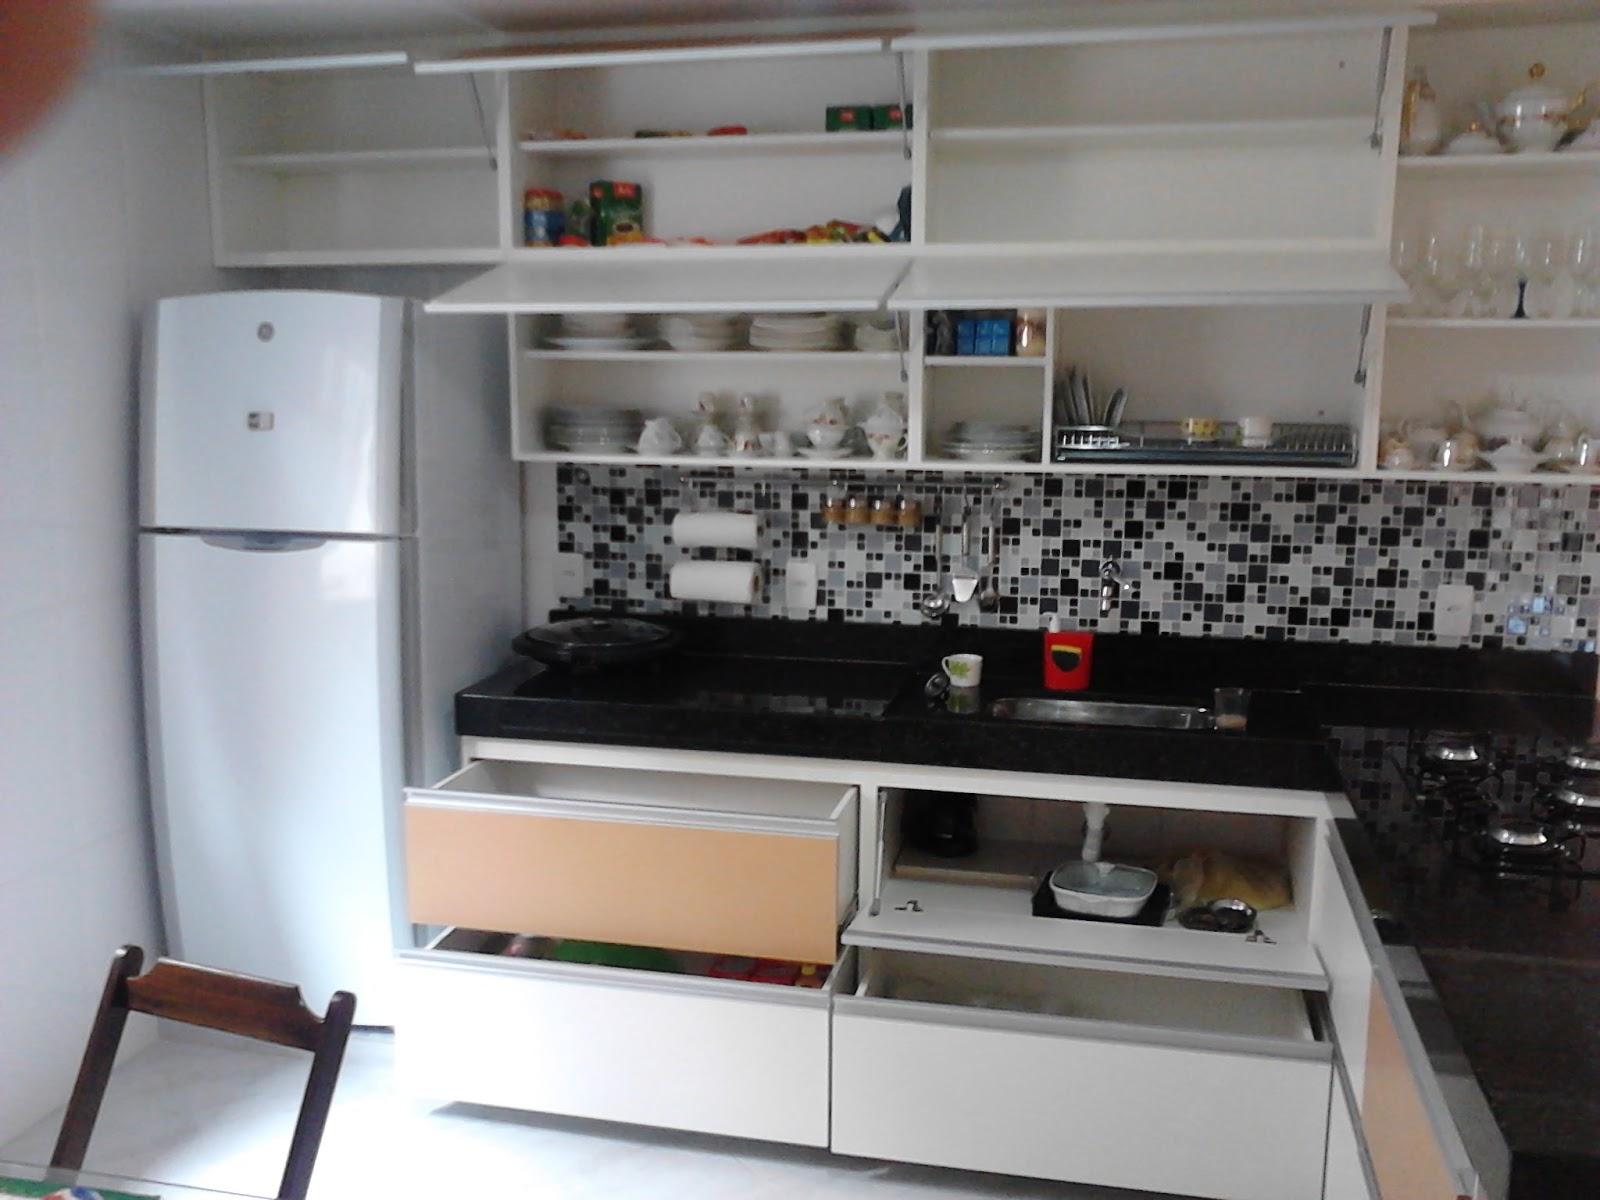 Monforte Marcenaria: Cozinhas Planejadas #896142 1600 1200